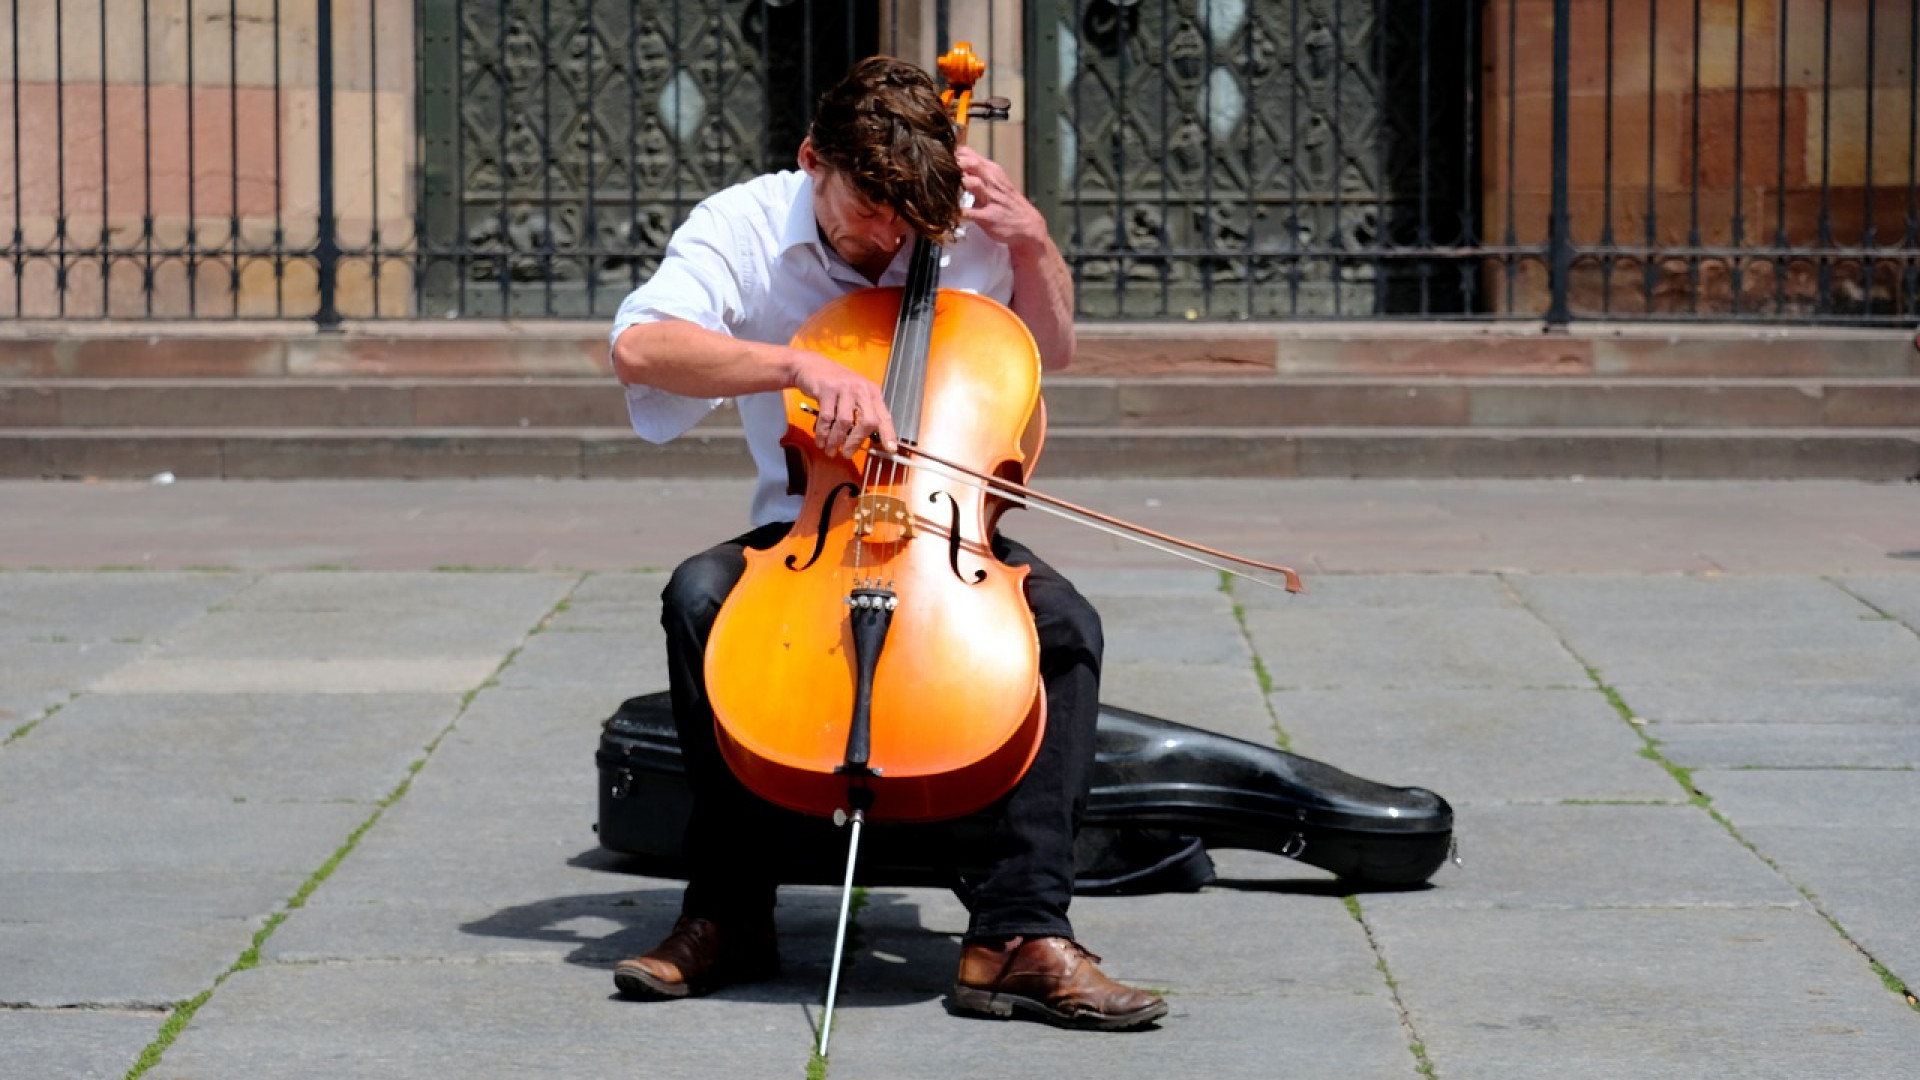 Comment bien choisir son archet violon ?